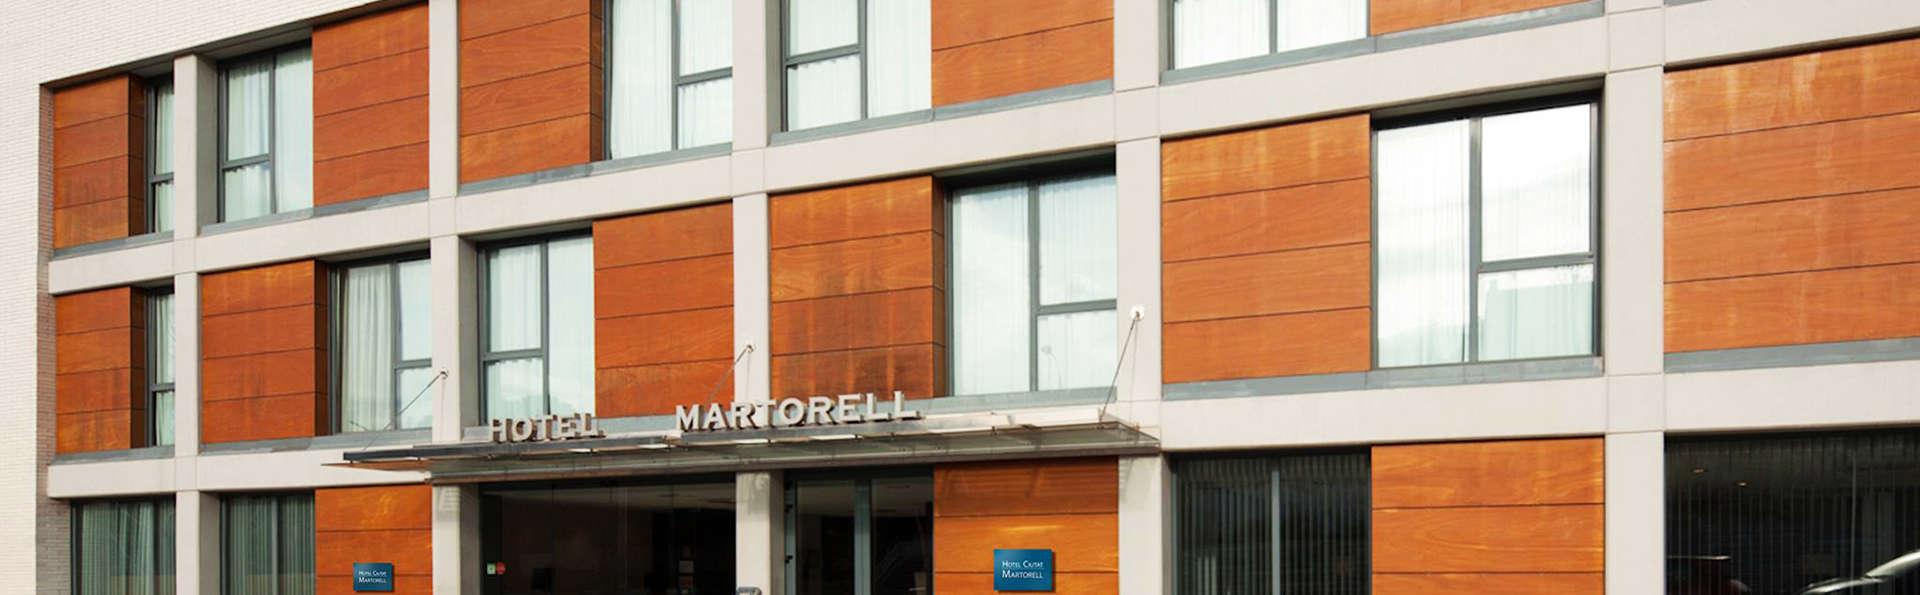 Hotel Ciutat Martorell - EDIT_front2.jpg